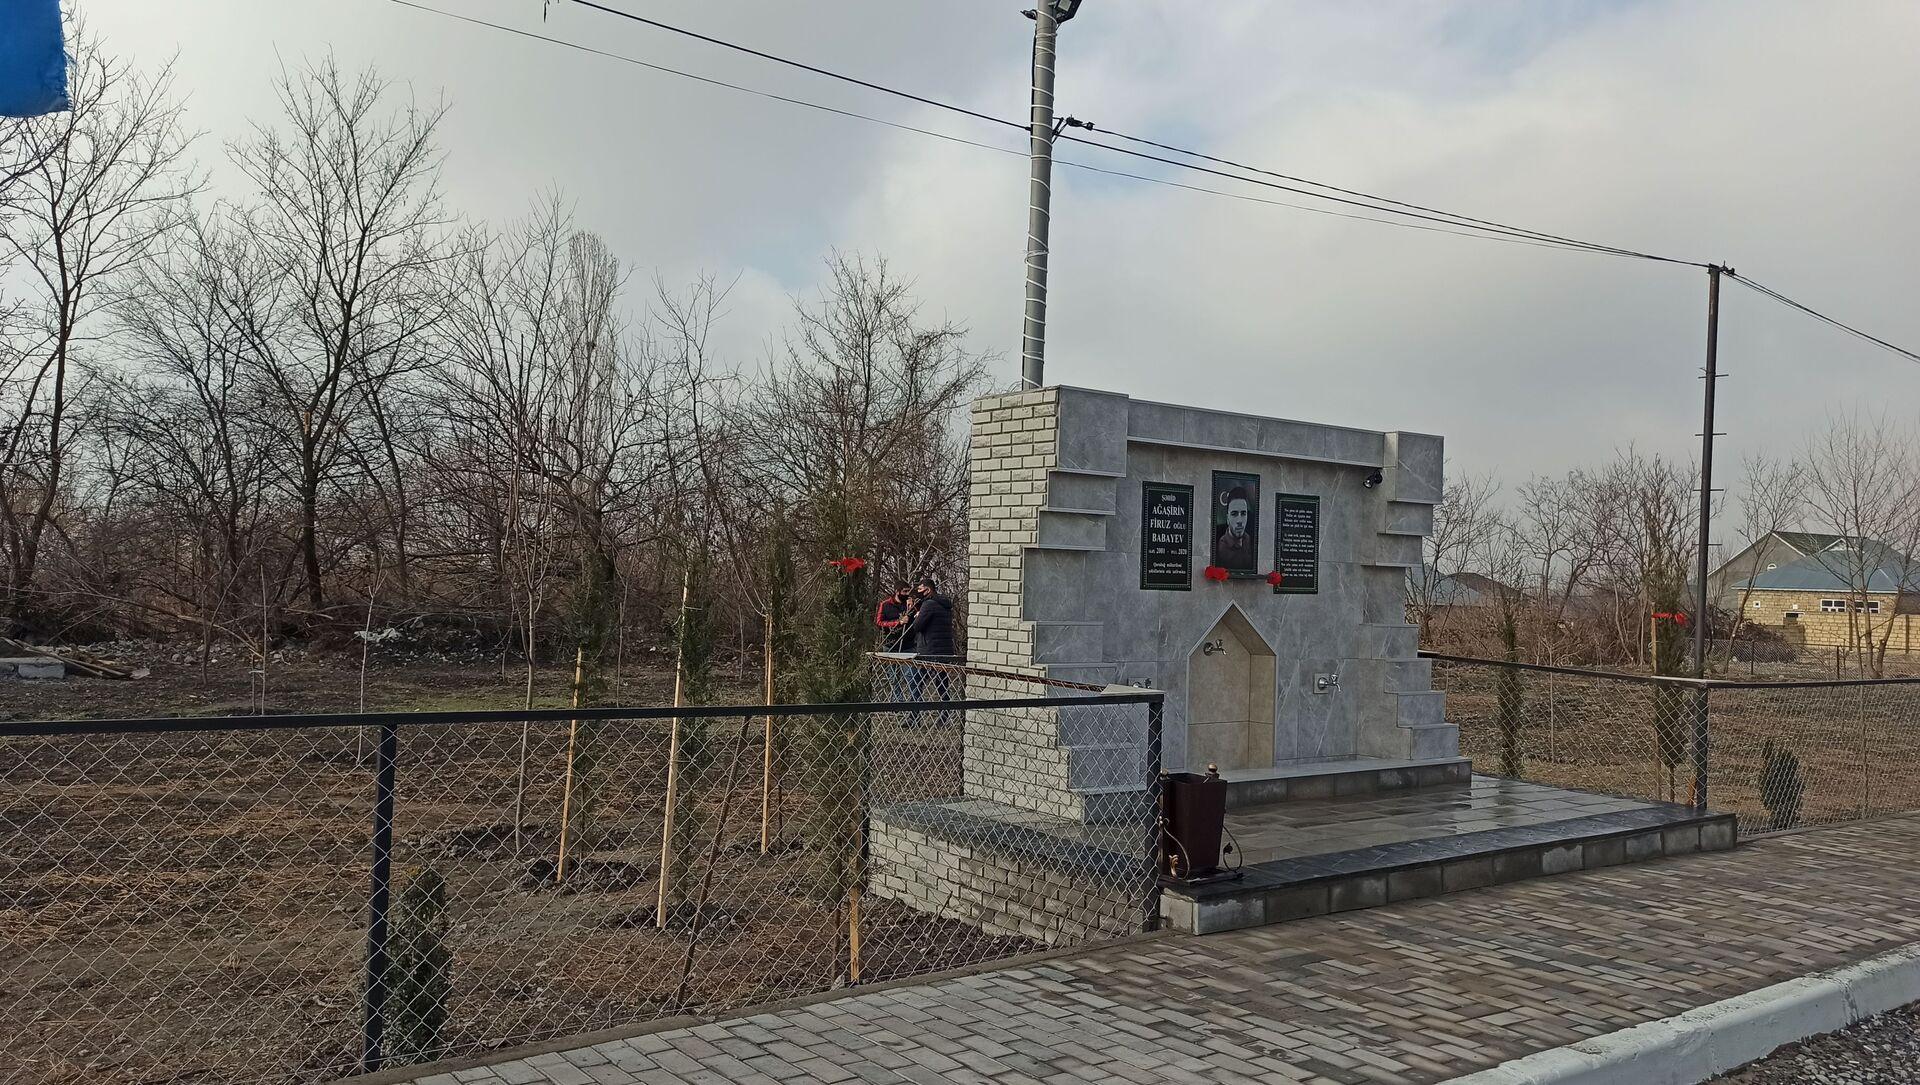 Qəbələdə şəhid bulağı - Sputnik Азербайджан, 1920, 21.02.2021